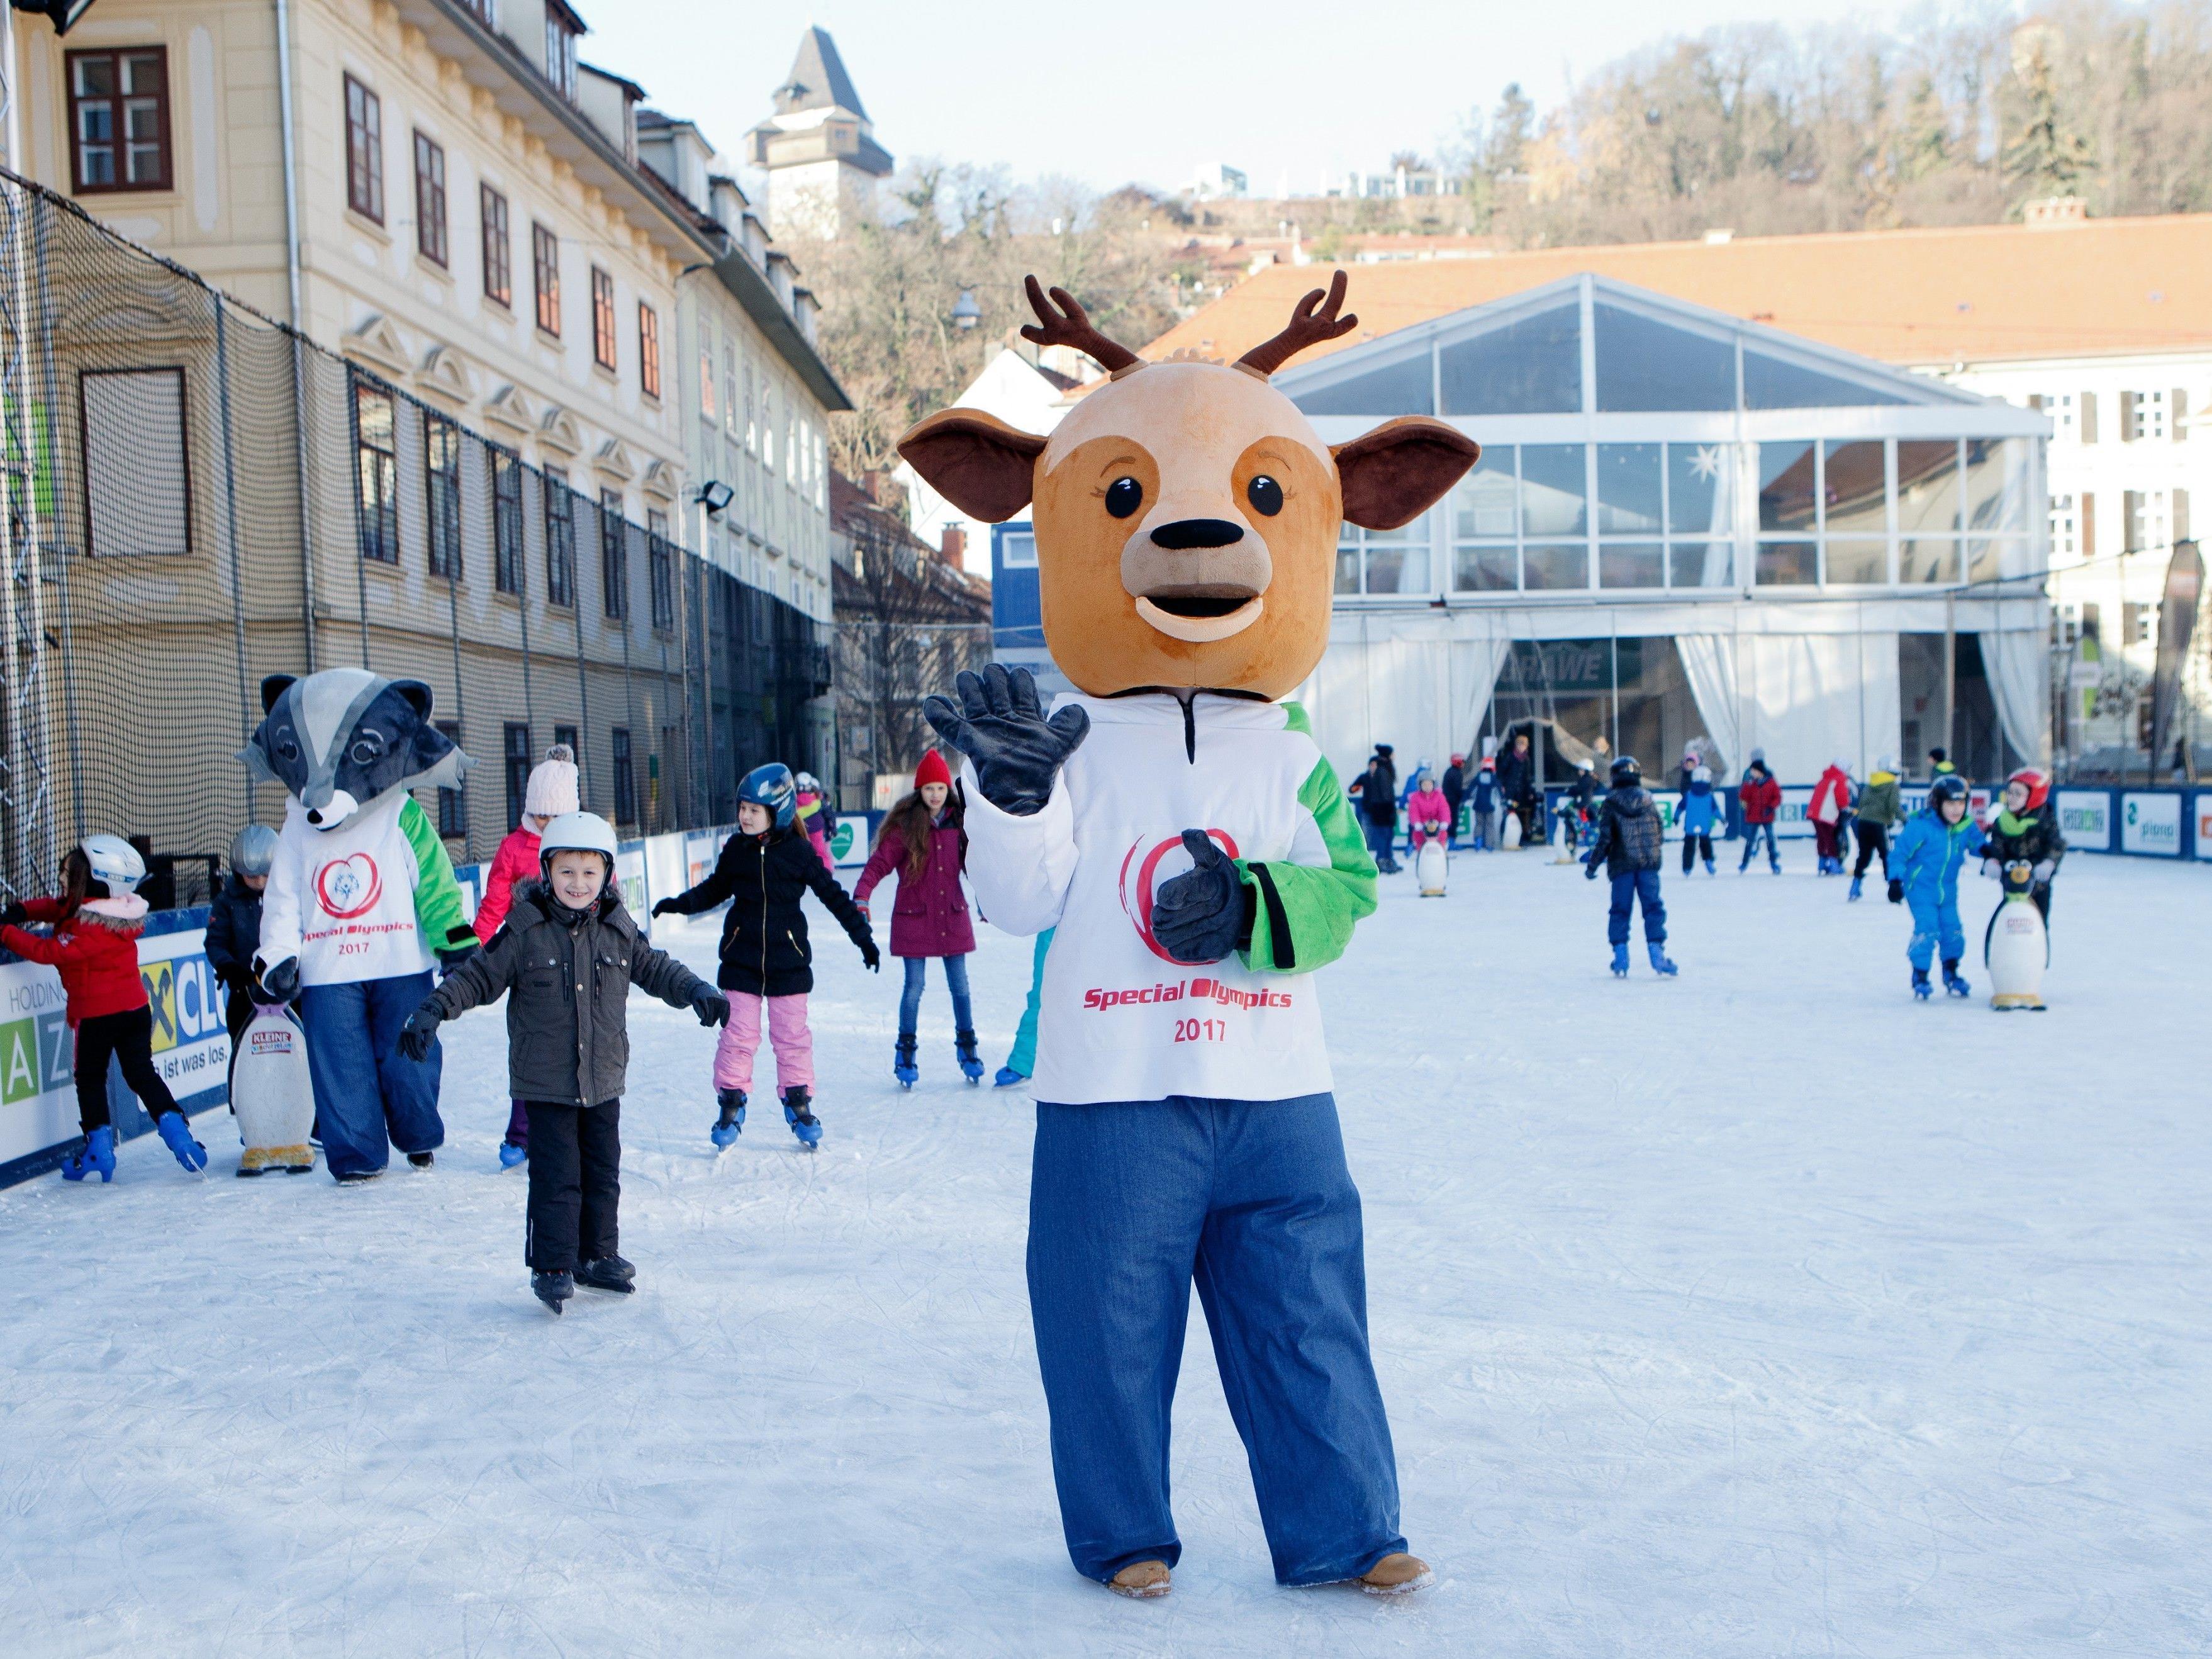 Am 14. März starten die Special Olympics.